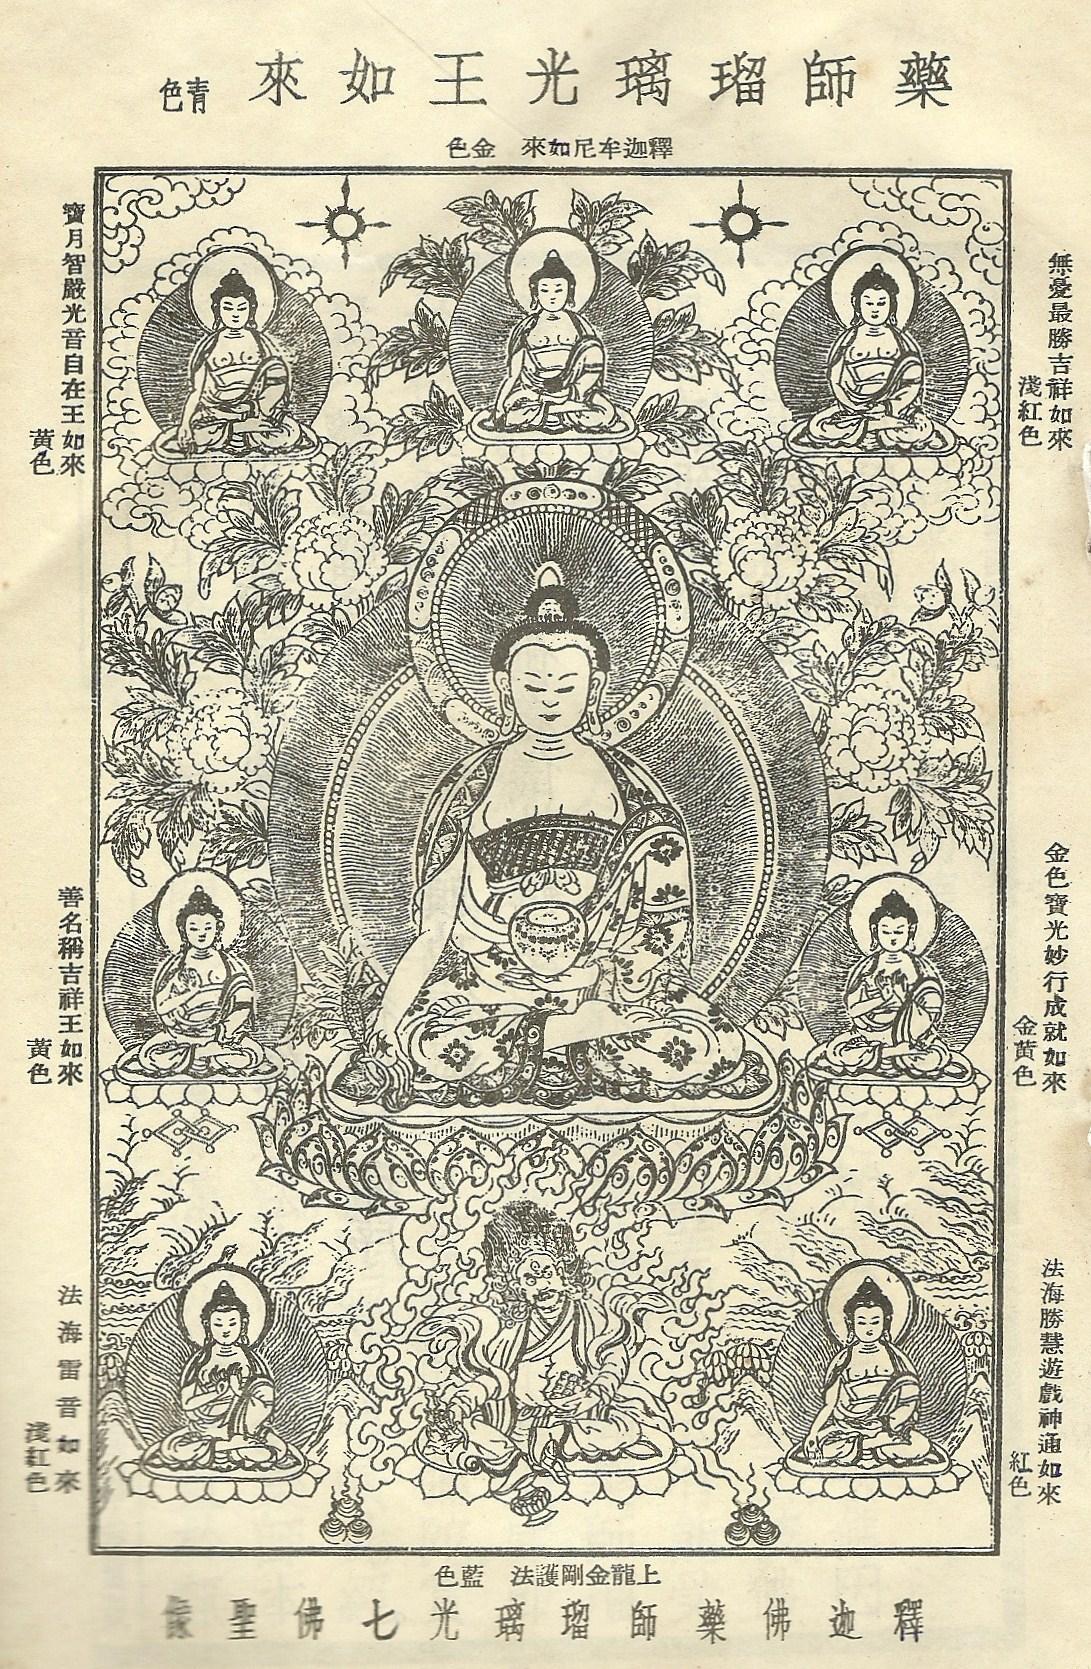 Tôn ảnh Bảy Đức Phật Dược Sư